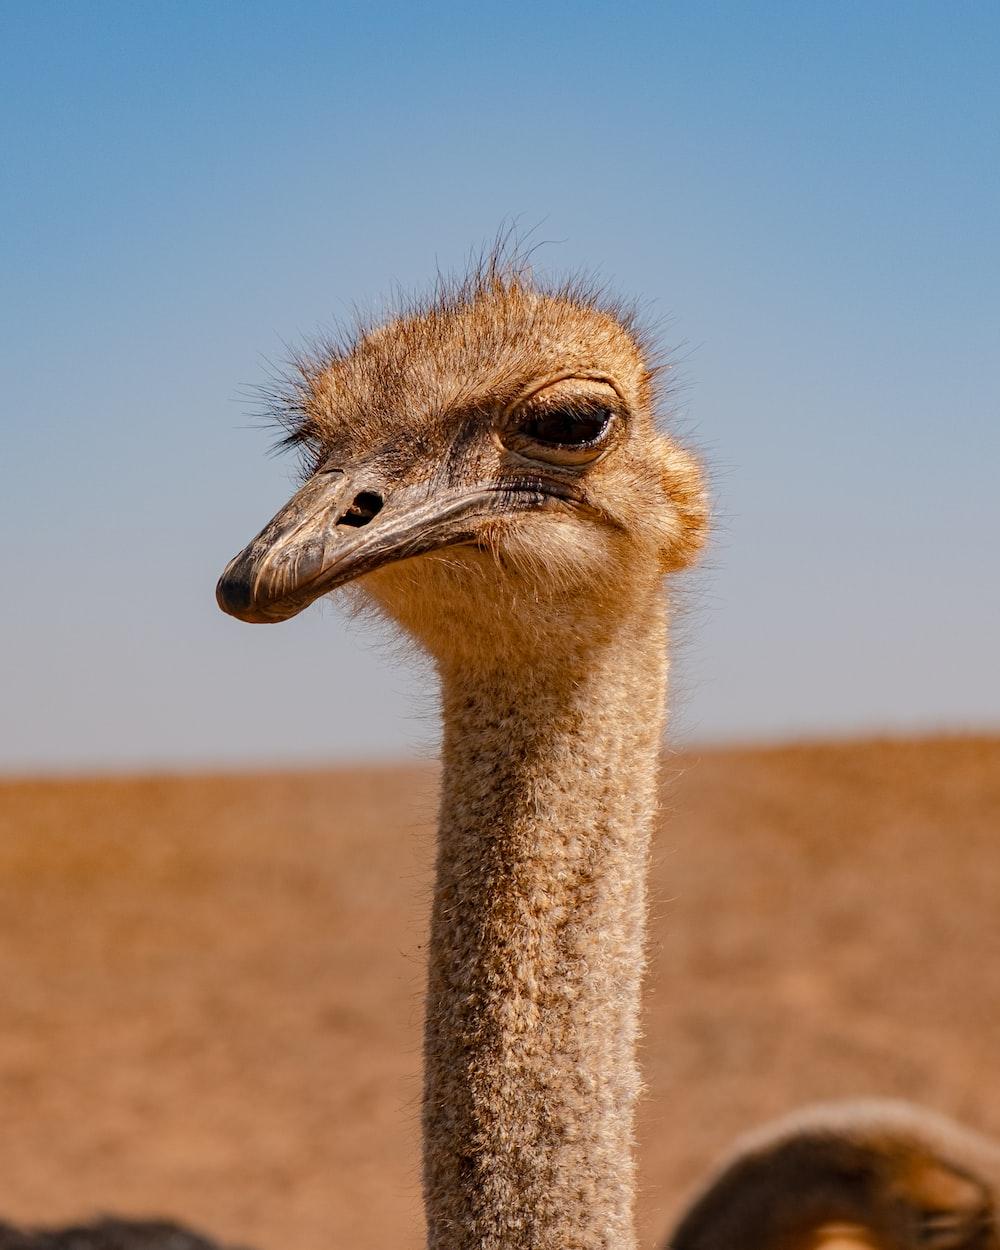 ostrich head under blue sky during daytime